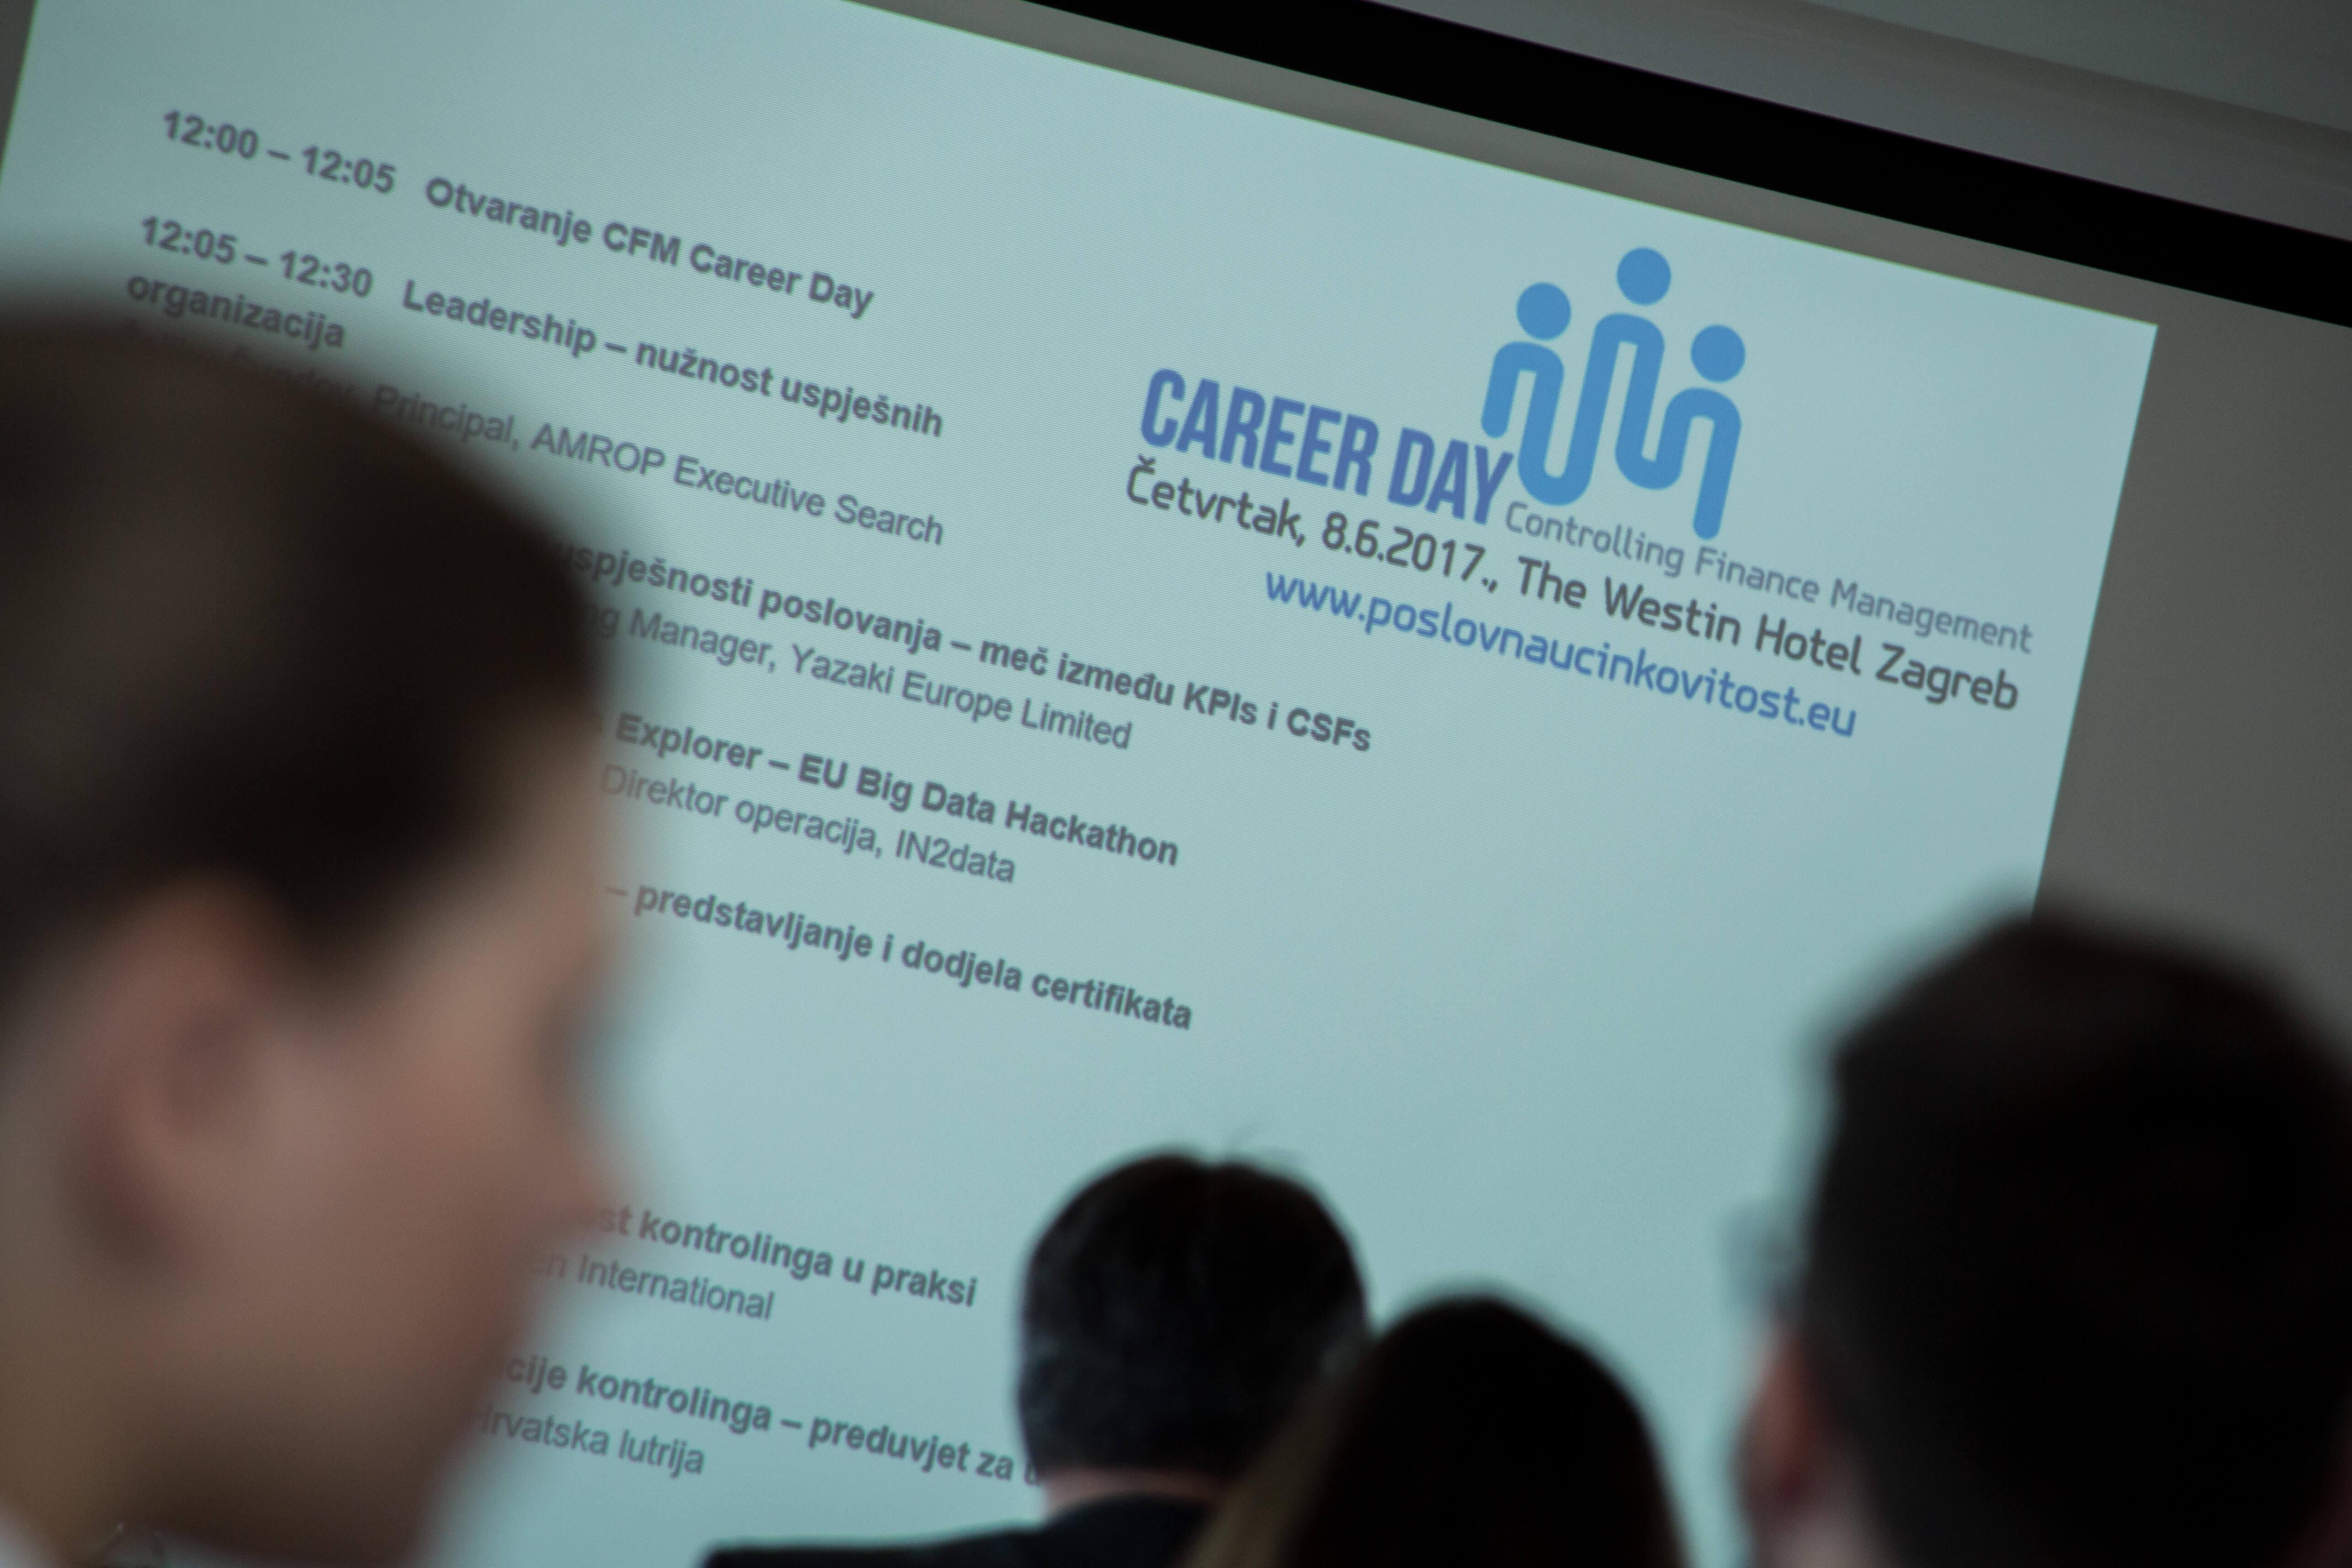 CFM Career day 8.6.2017.